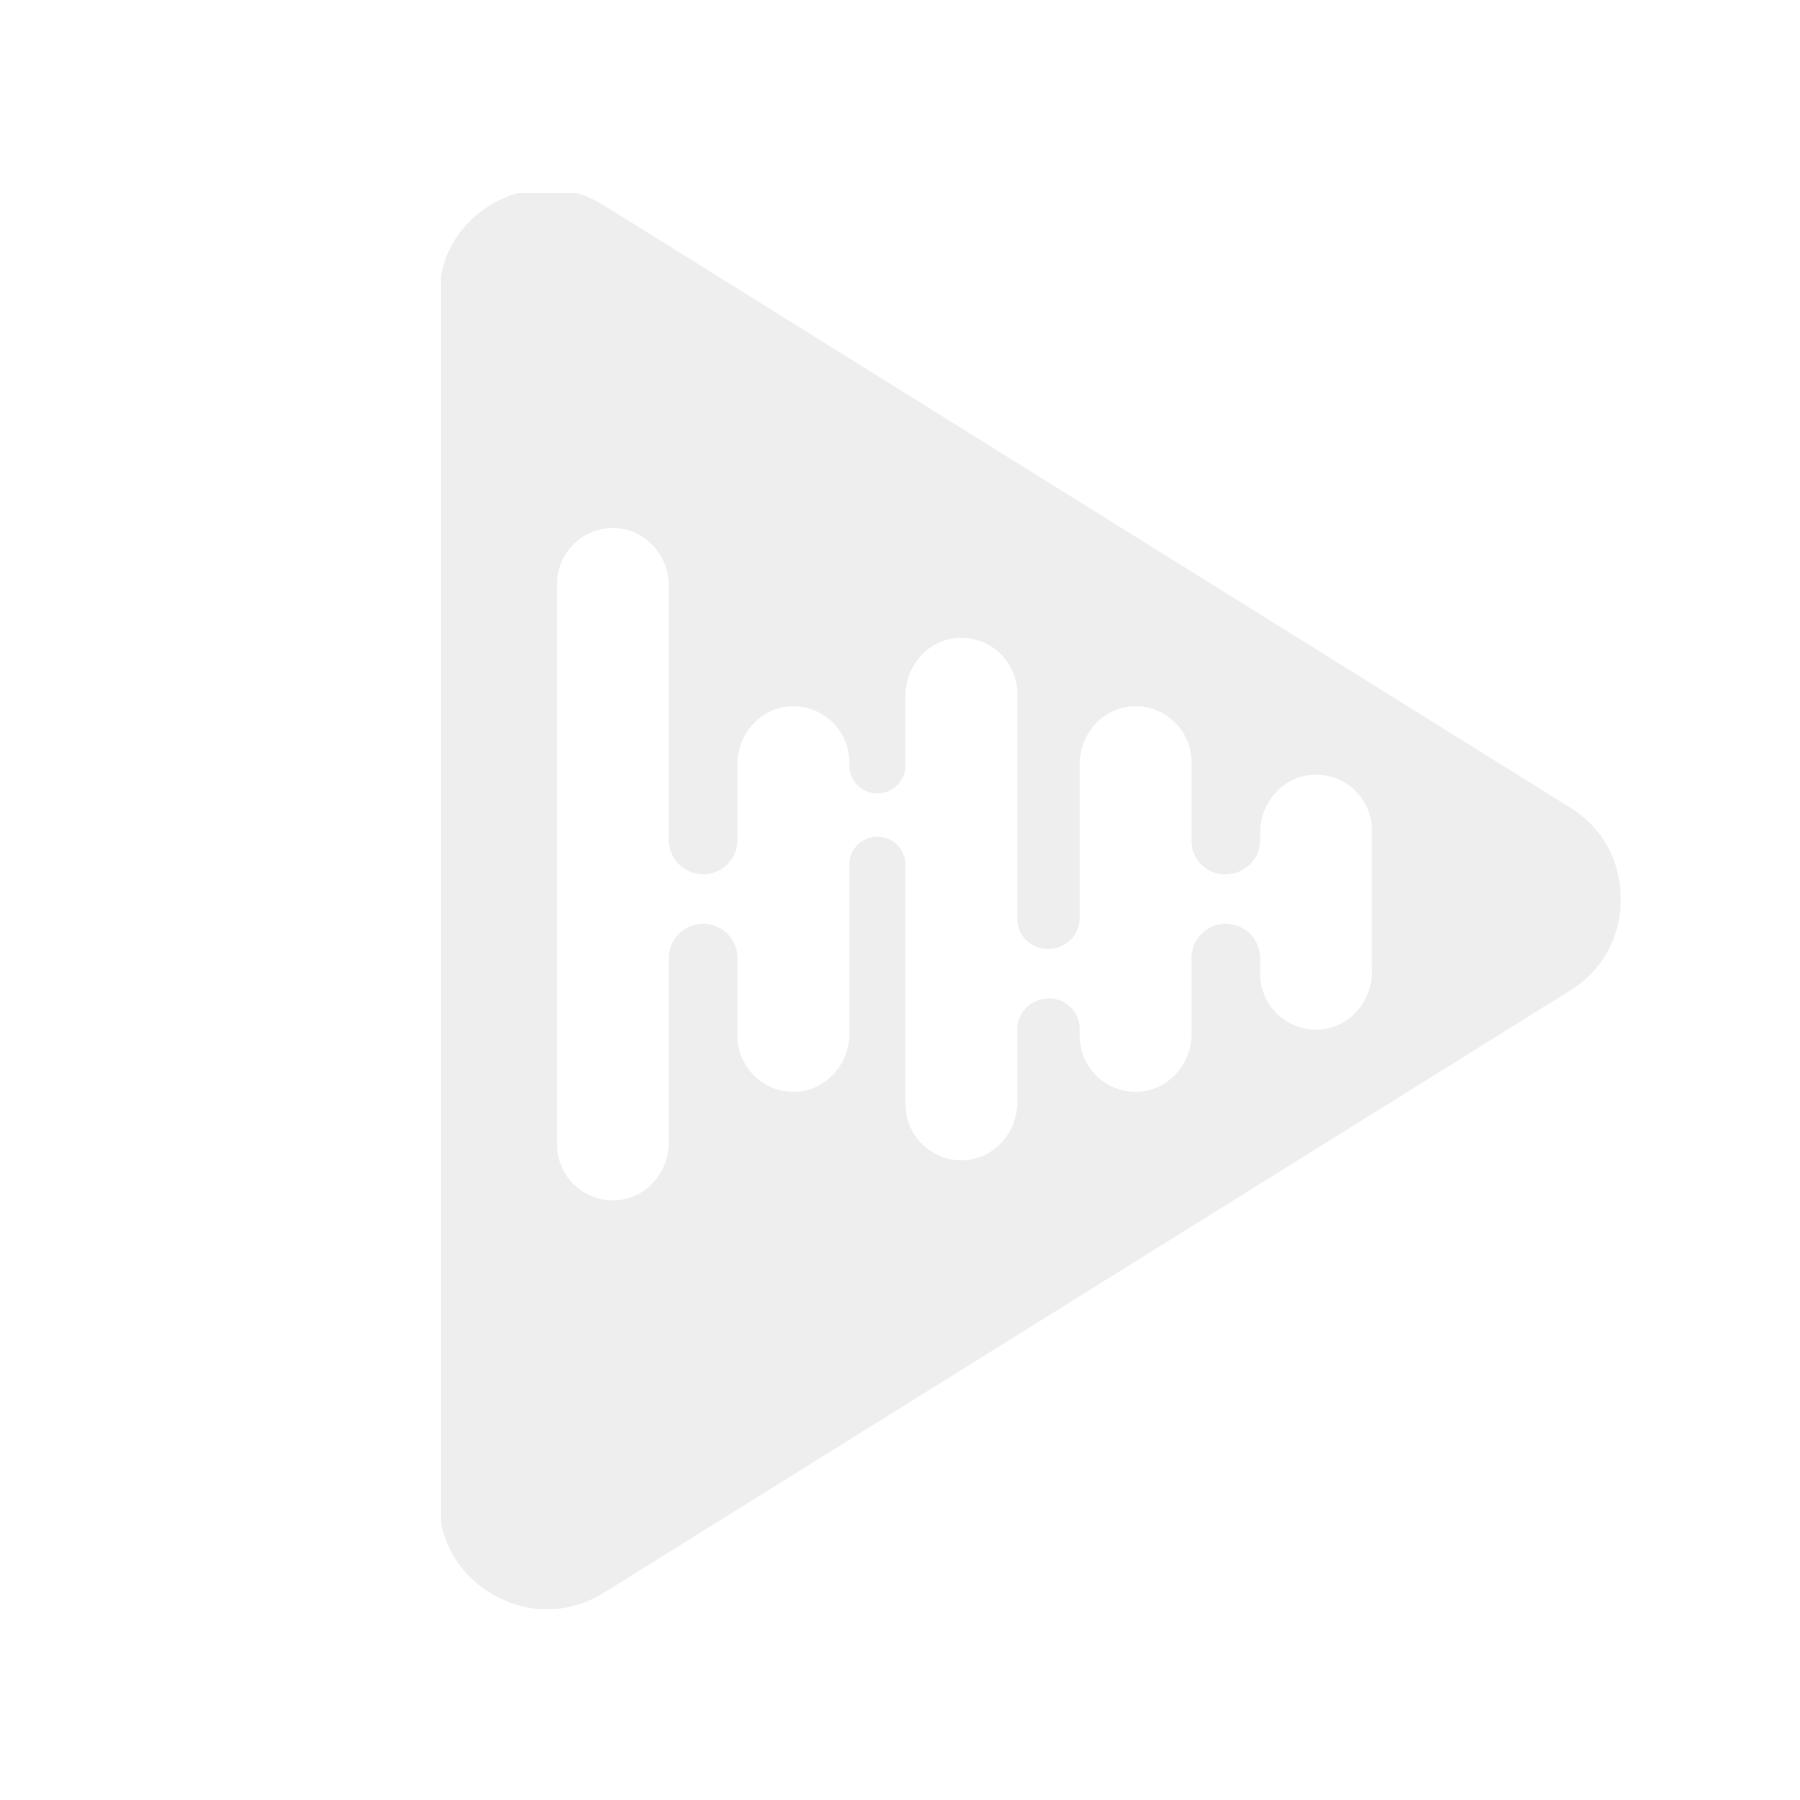 Nissan Almera N16 (2004-2006) FL